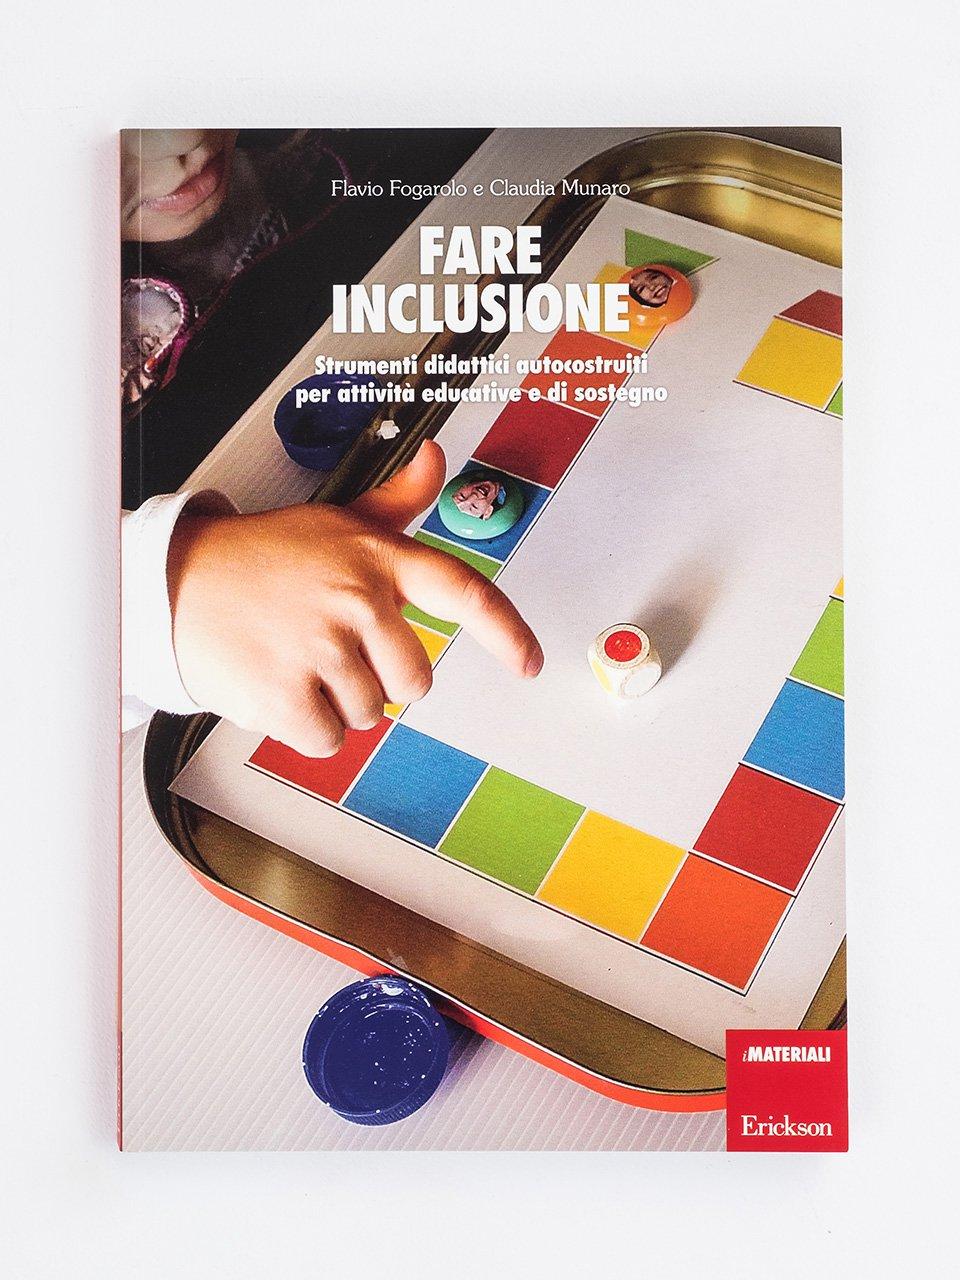 Fare inclusione - Da geranio a educatore - Libri - Erickson